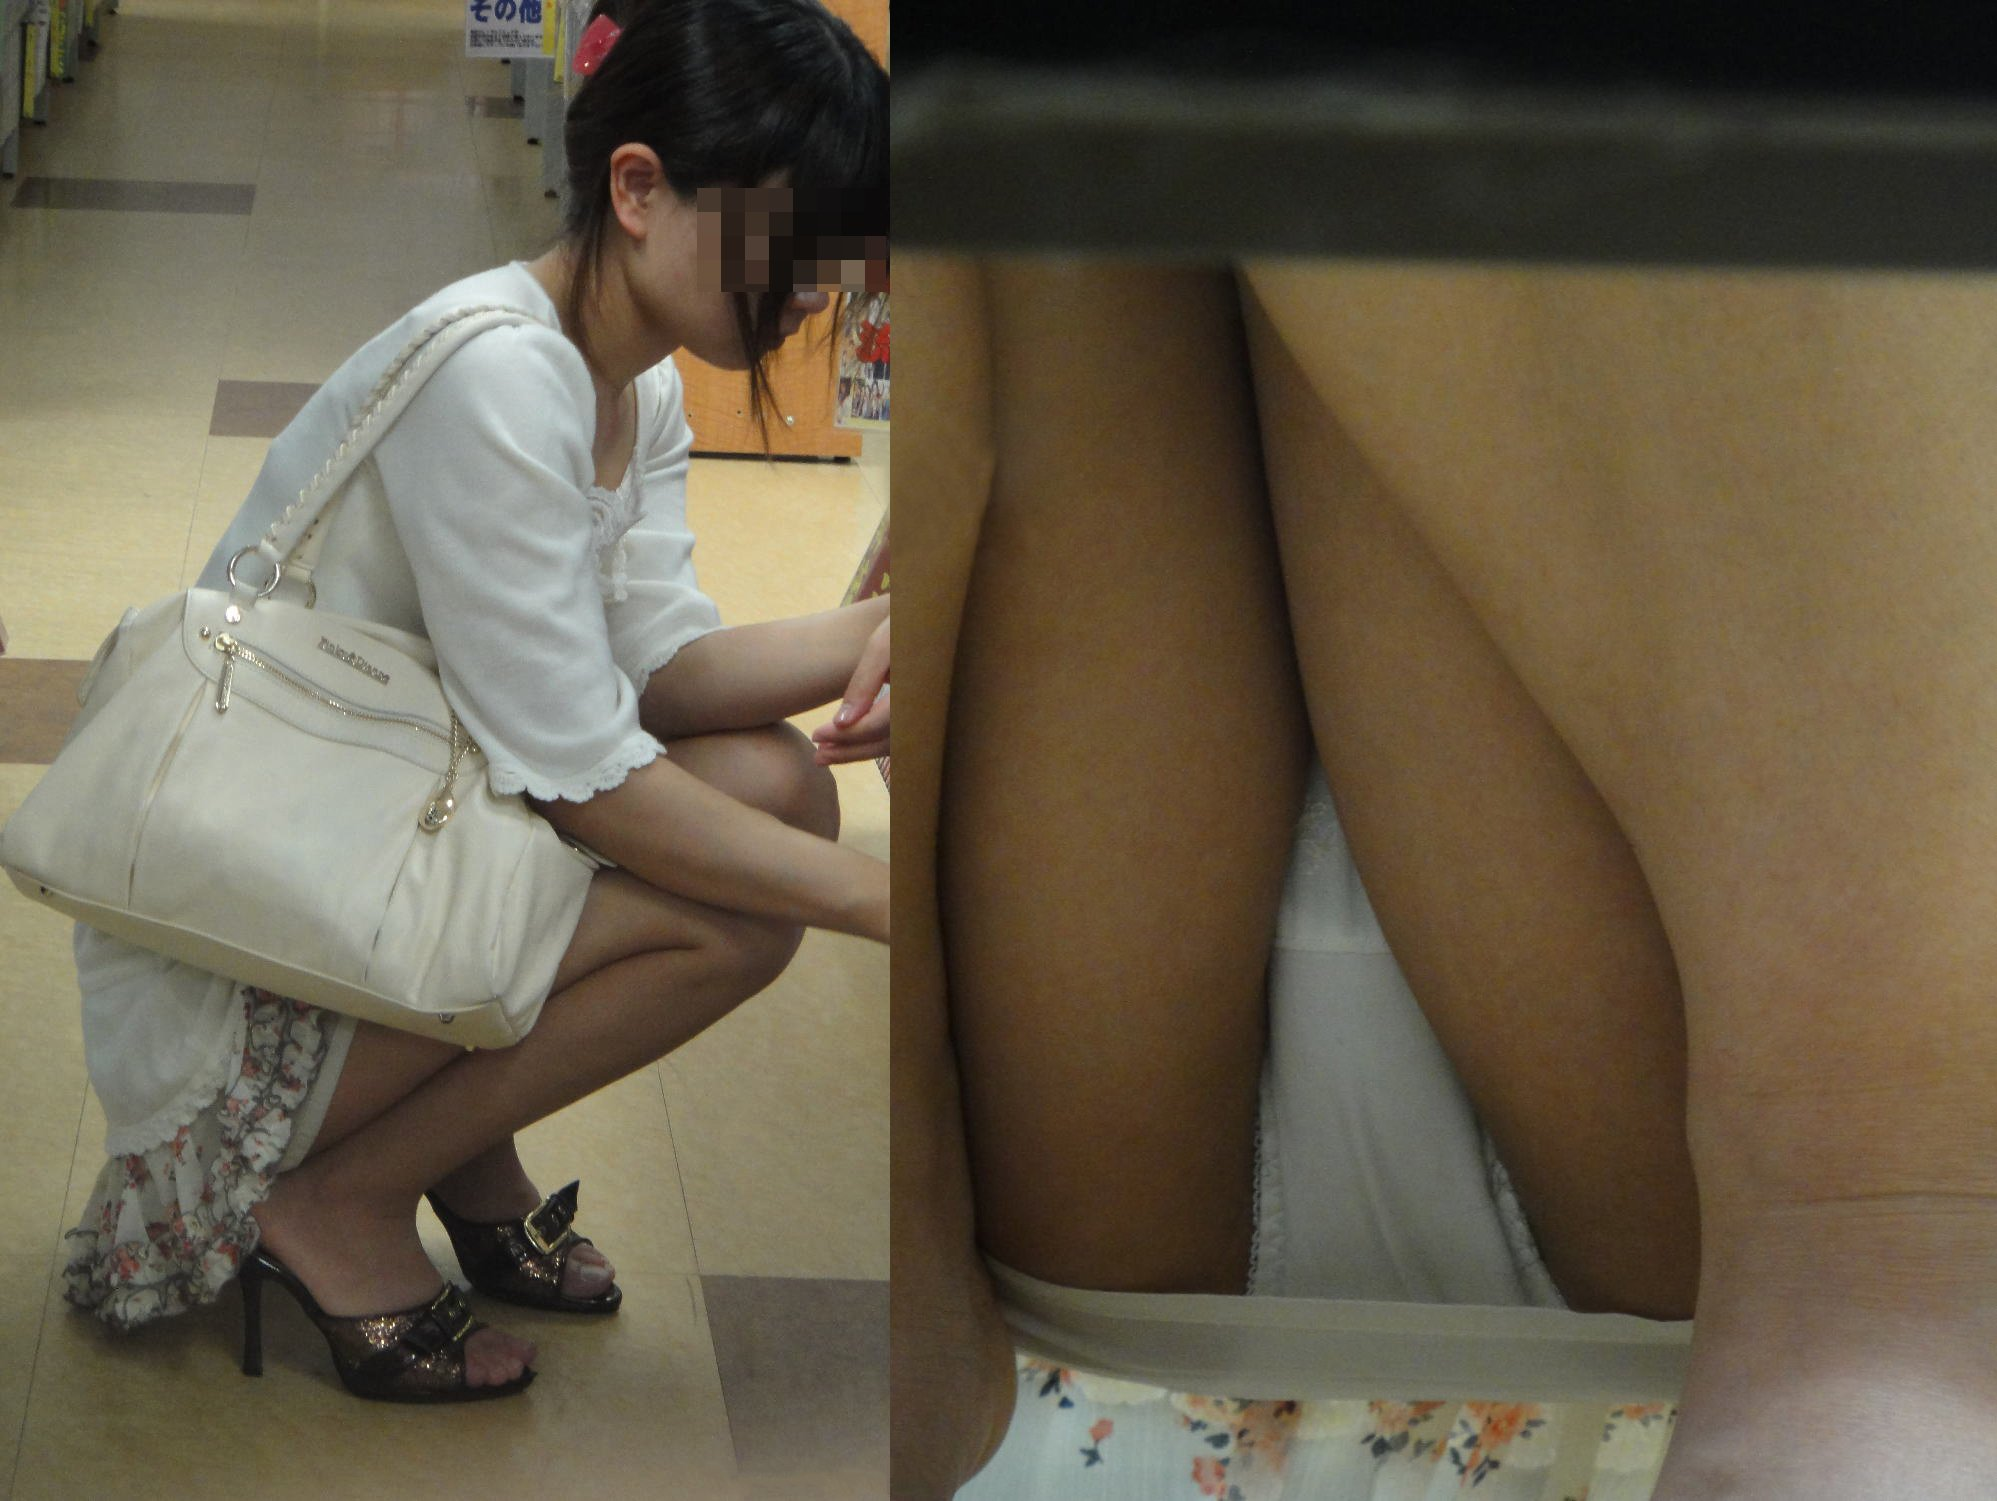 アダルト画像3次元 - スカートの女性がしゃがむのを待って狙い撃った棚下モロパン画像